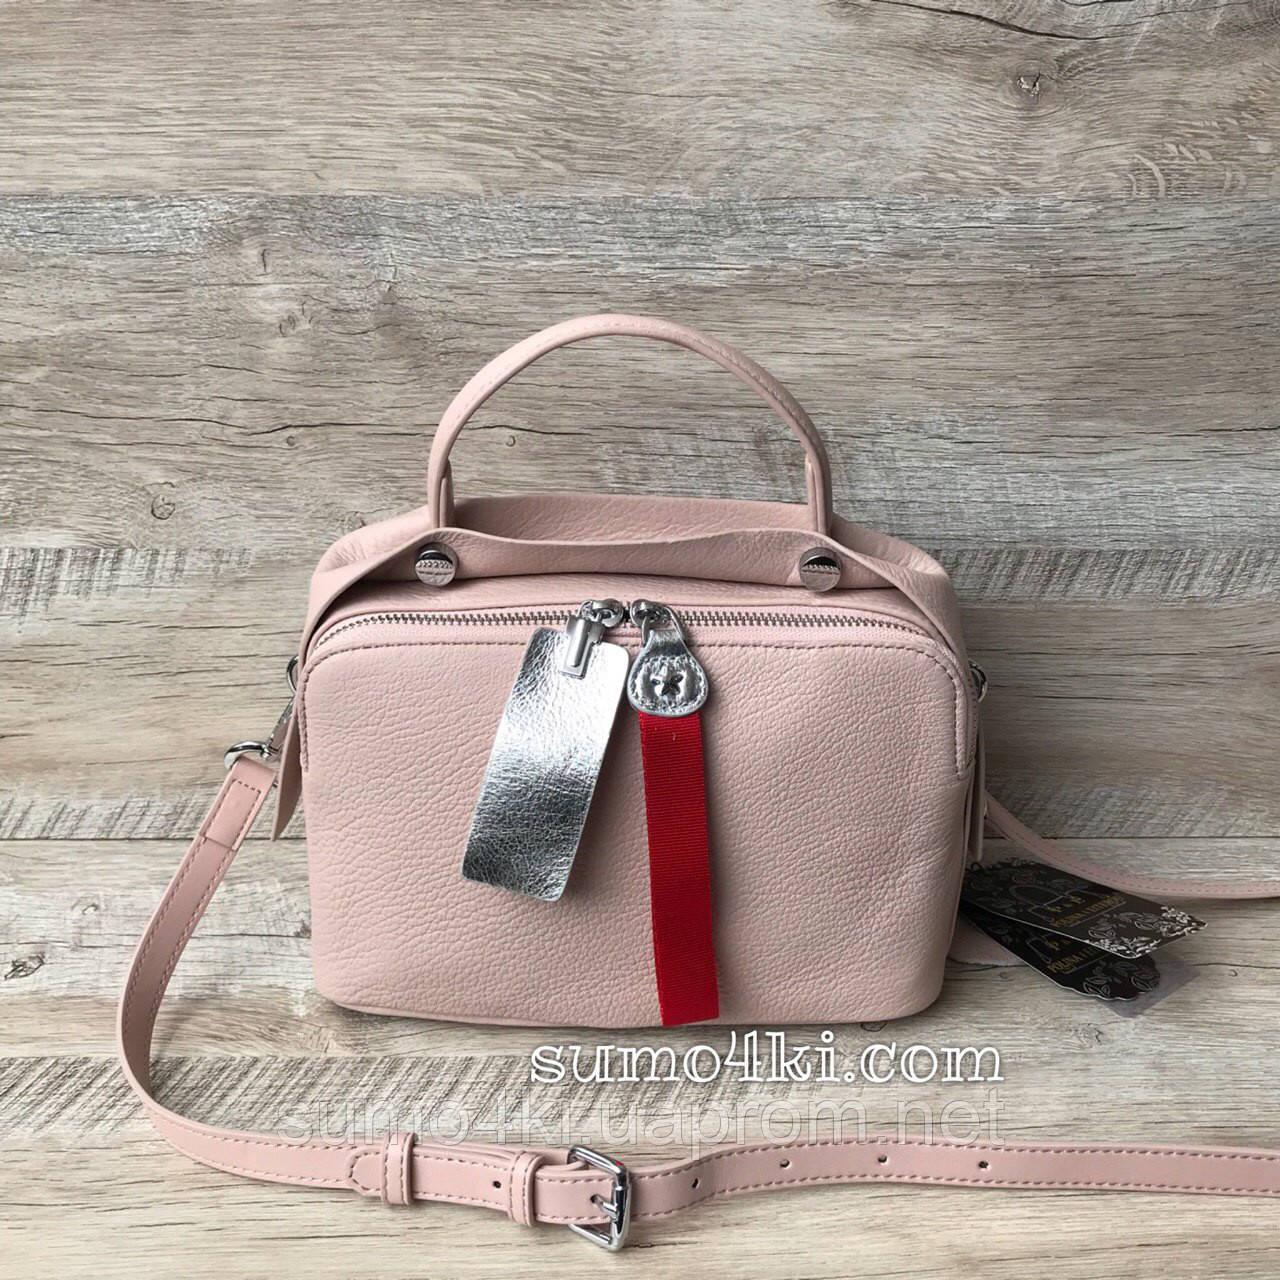 Женская кожаная сумка чёрная красная белая бежевая пудра, фото 1